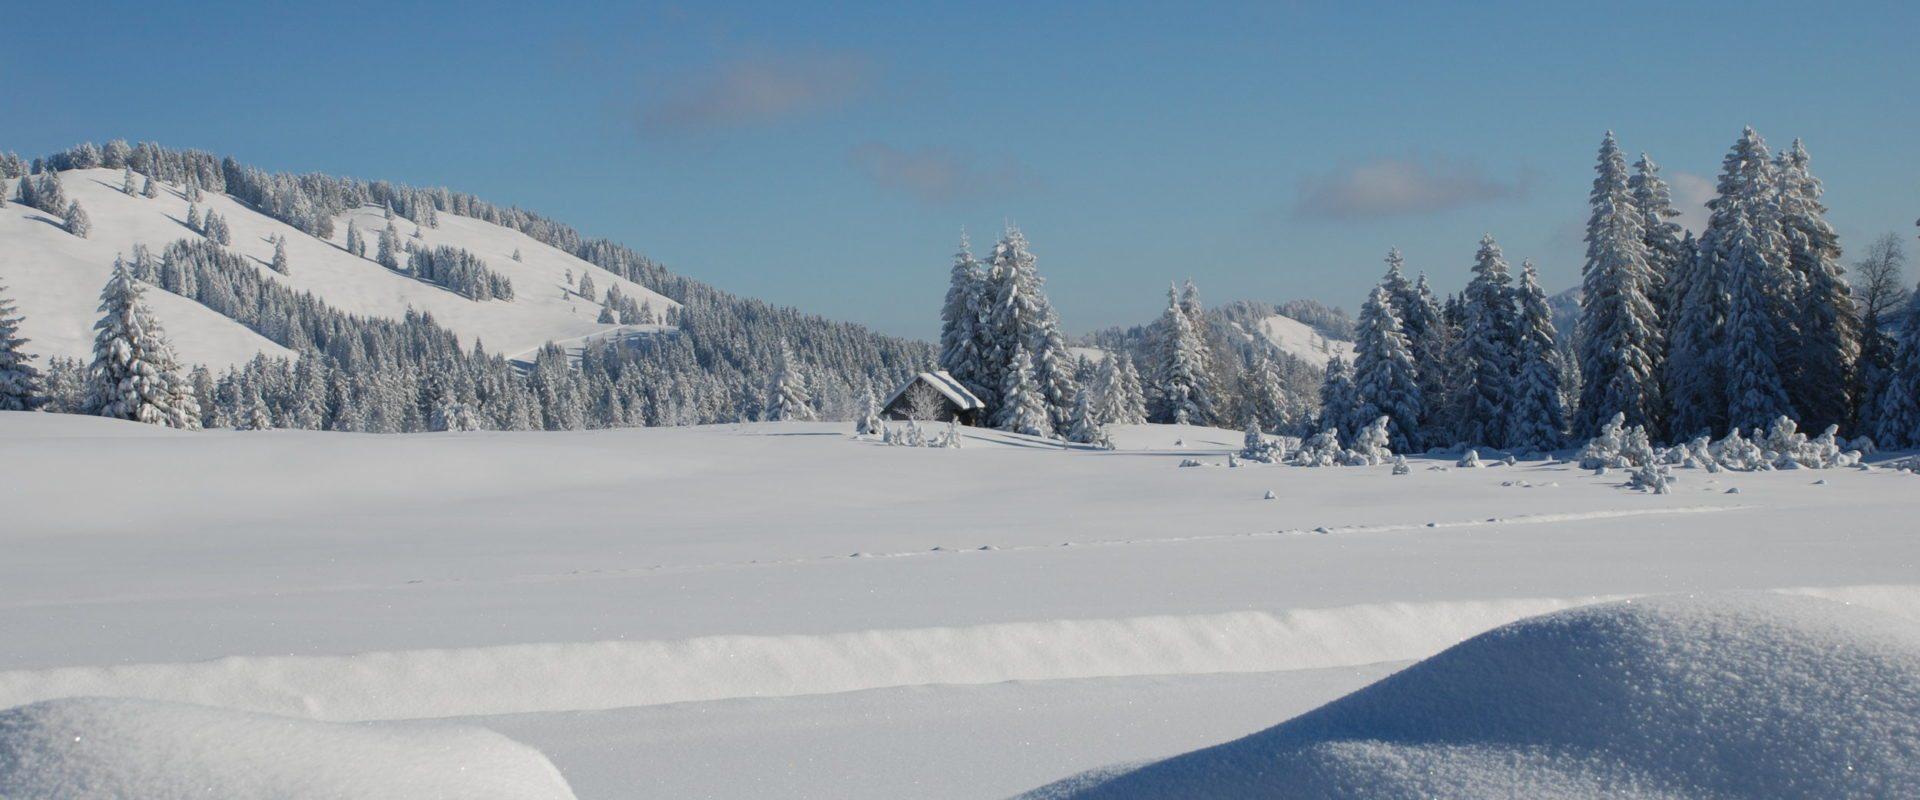 Winterwandern am Hochhäderich © Jakob Faißt / Bregenzerwald Tourismus